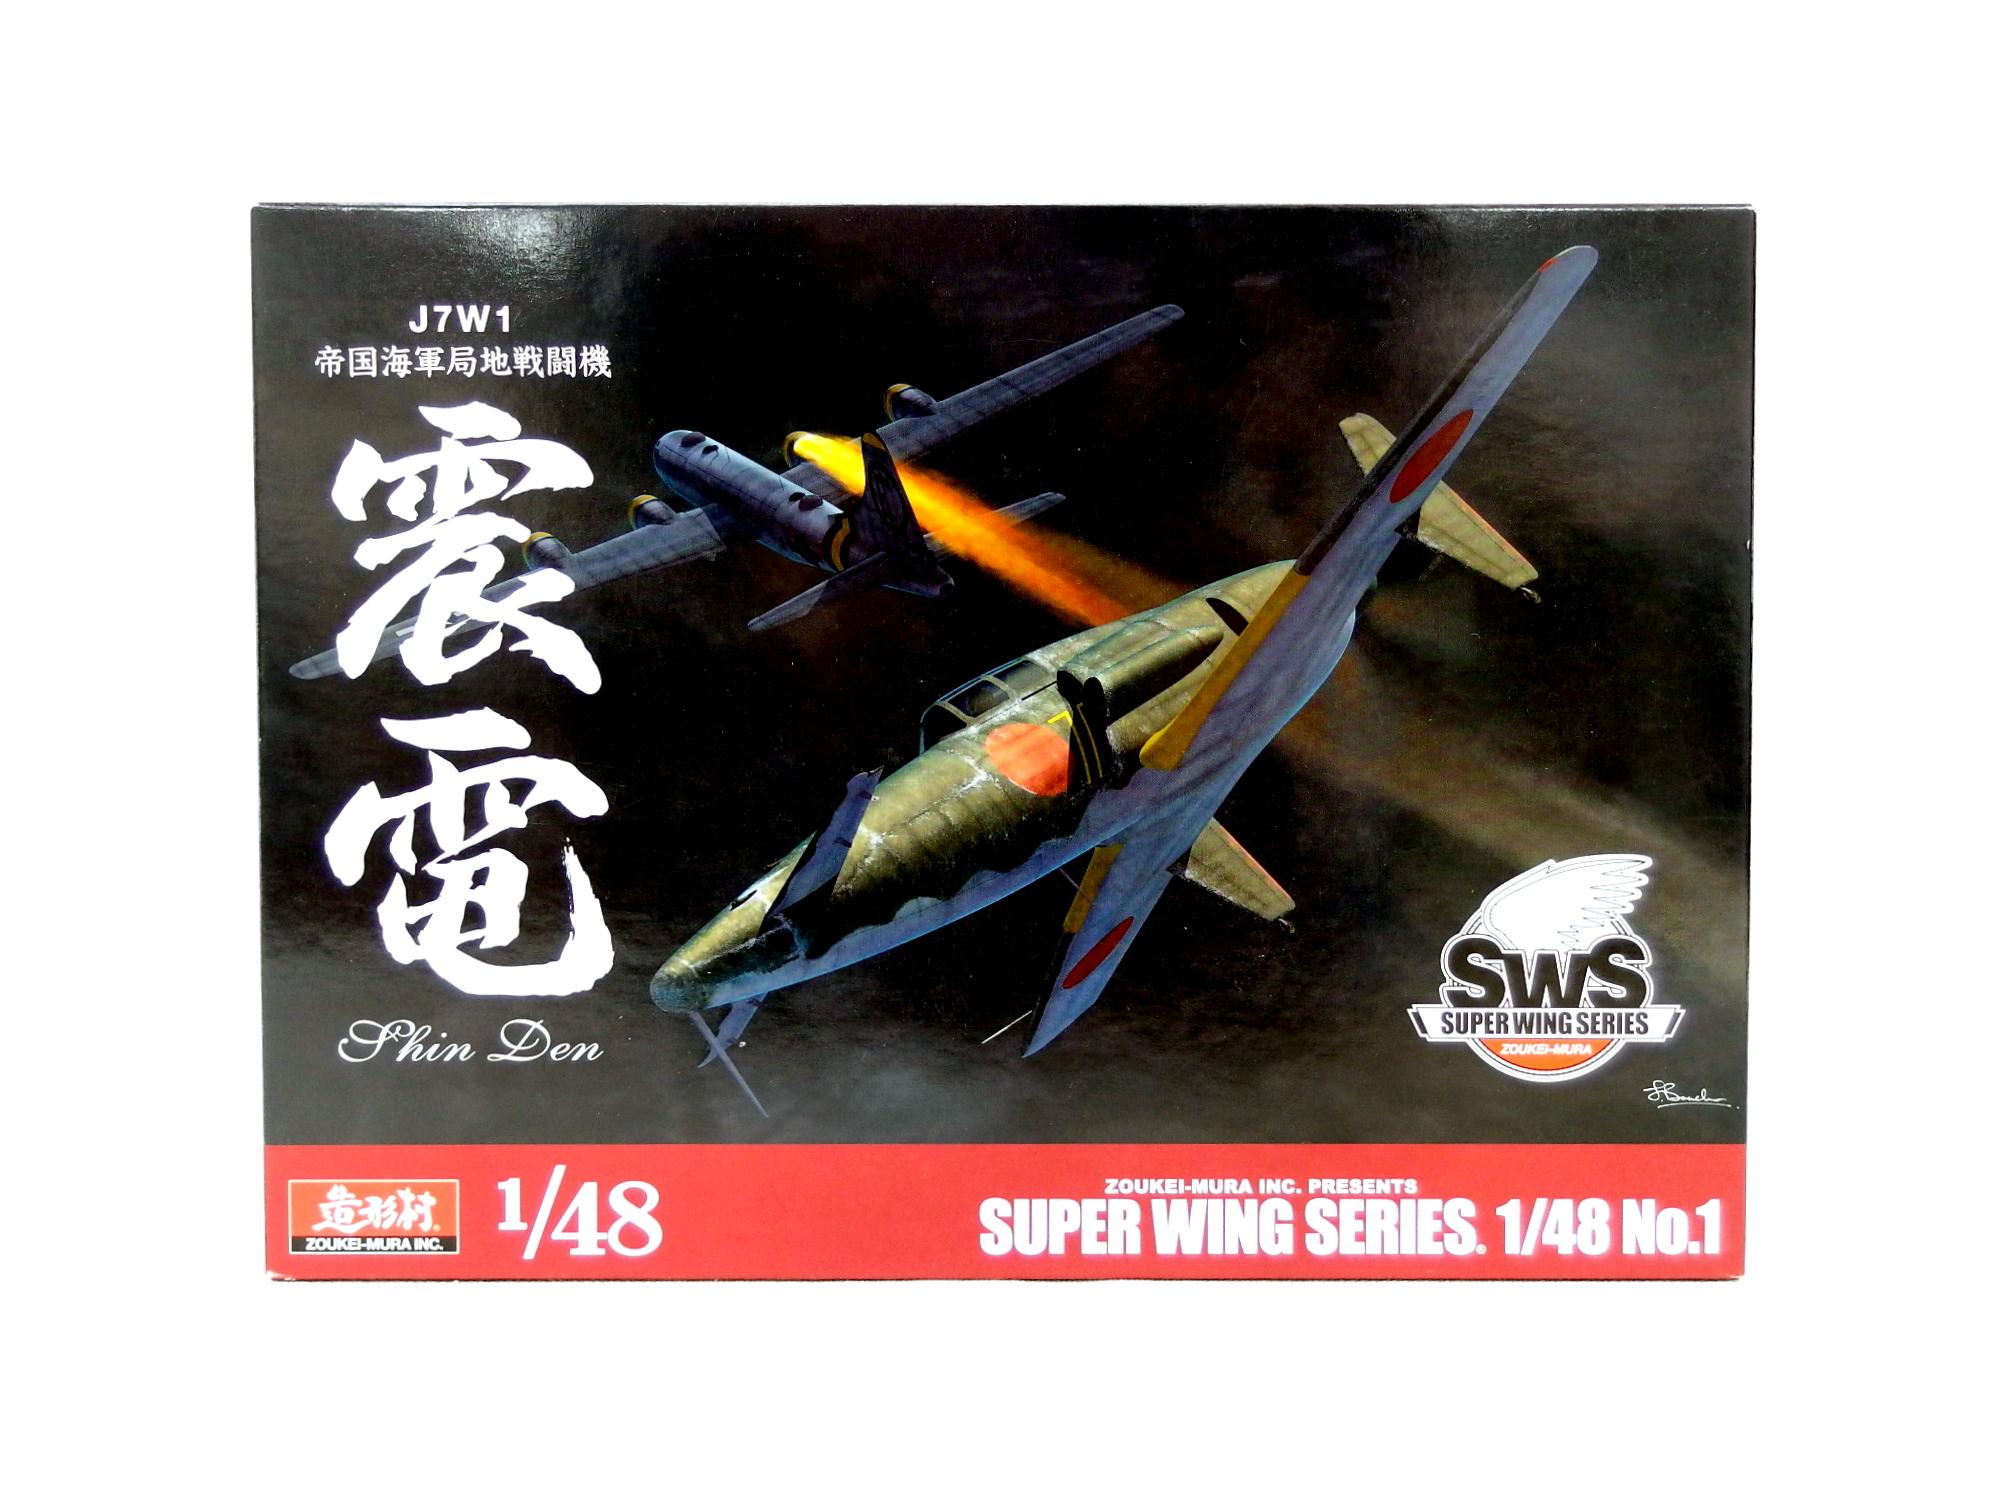 造形村 スーパーウィングシリーズ 1/48 J7W1 帝国海軍局地戦闘機「震電」